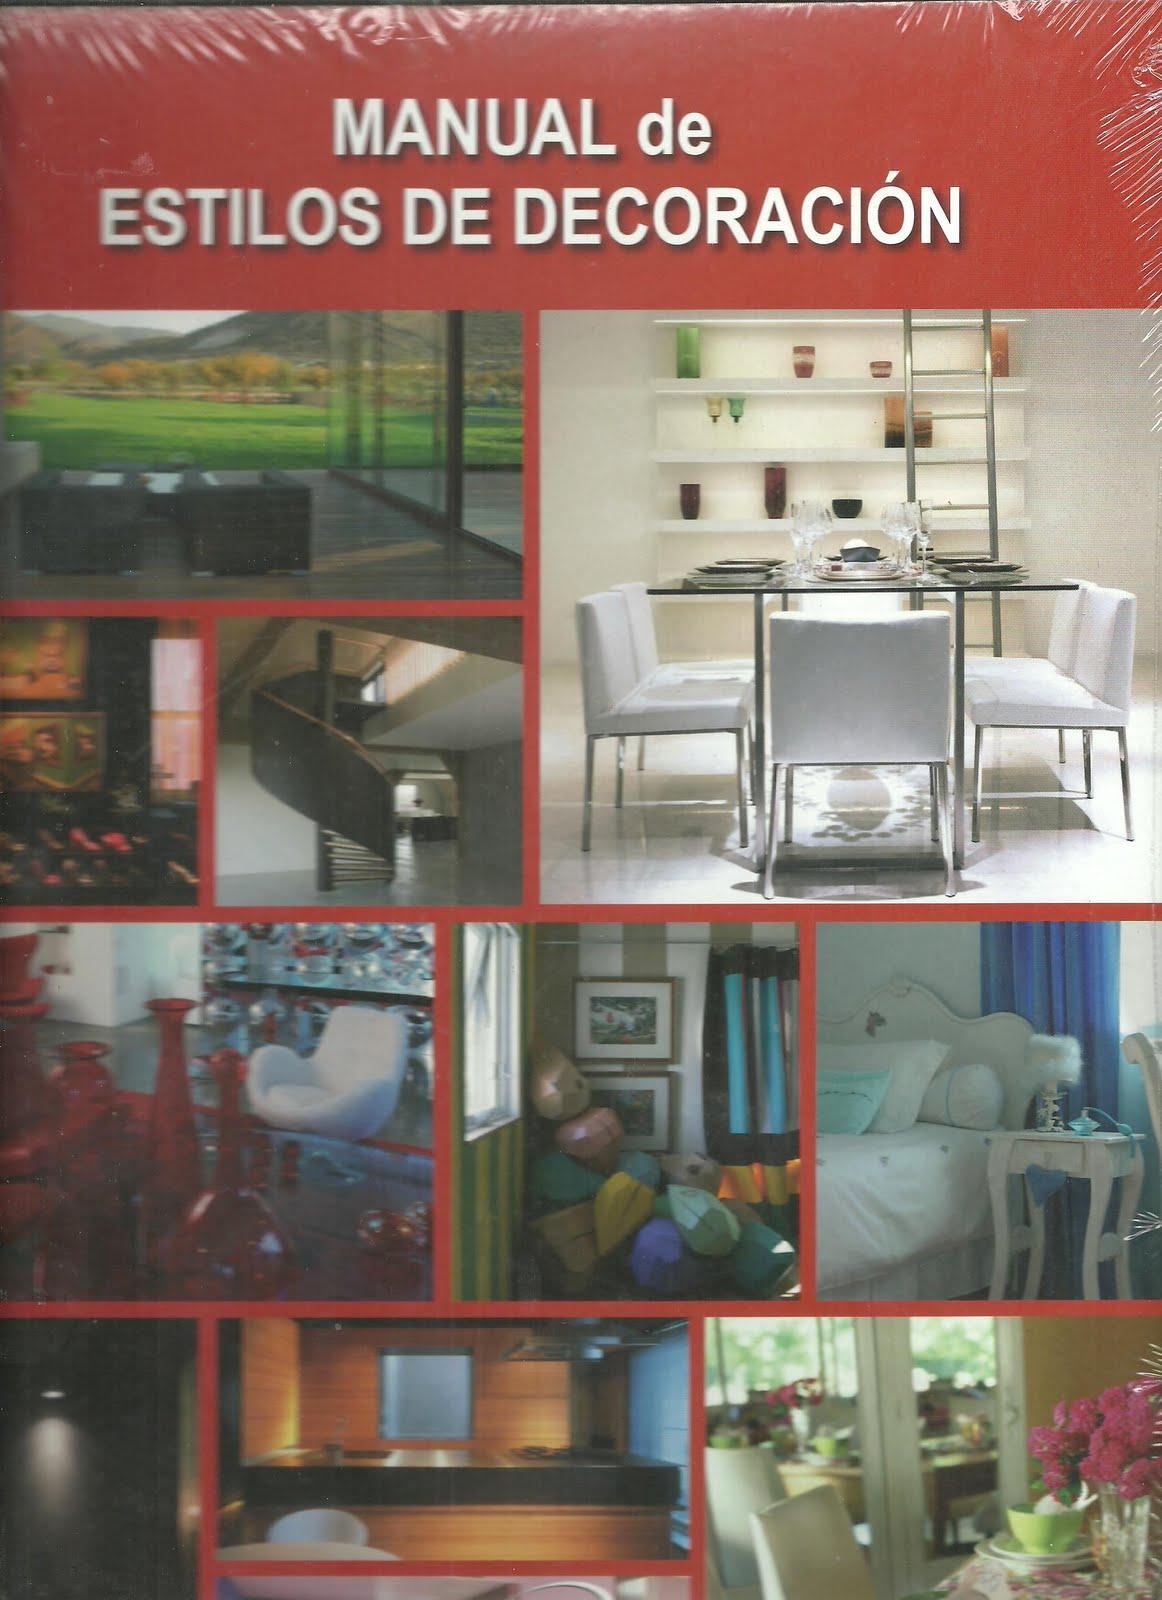 Libros dvds cd roms enciclopedias educaci n preescolar for Paginas de decoracion de interiores gratis